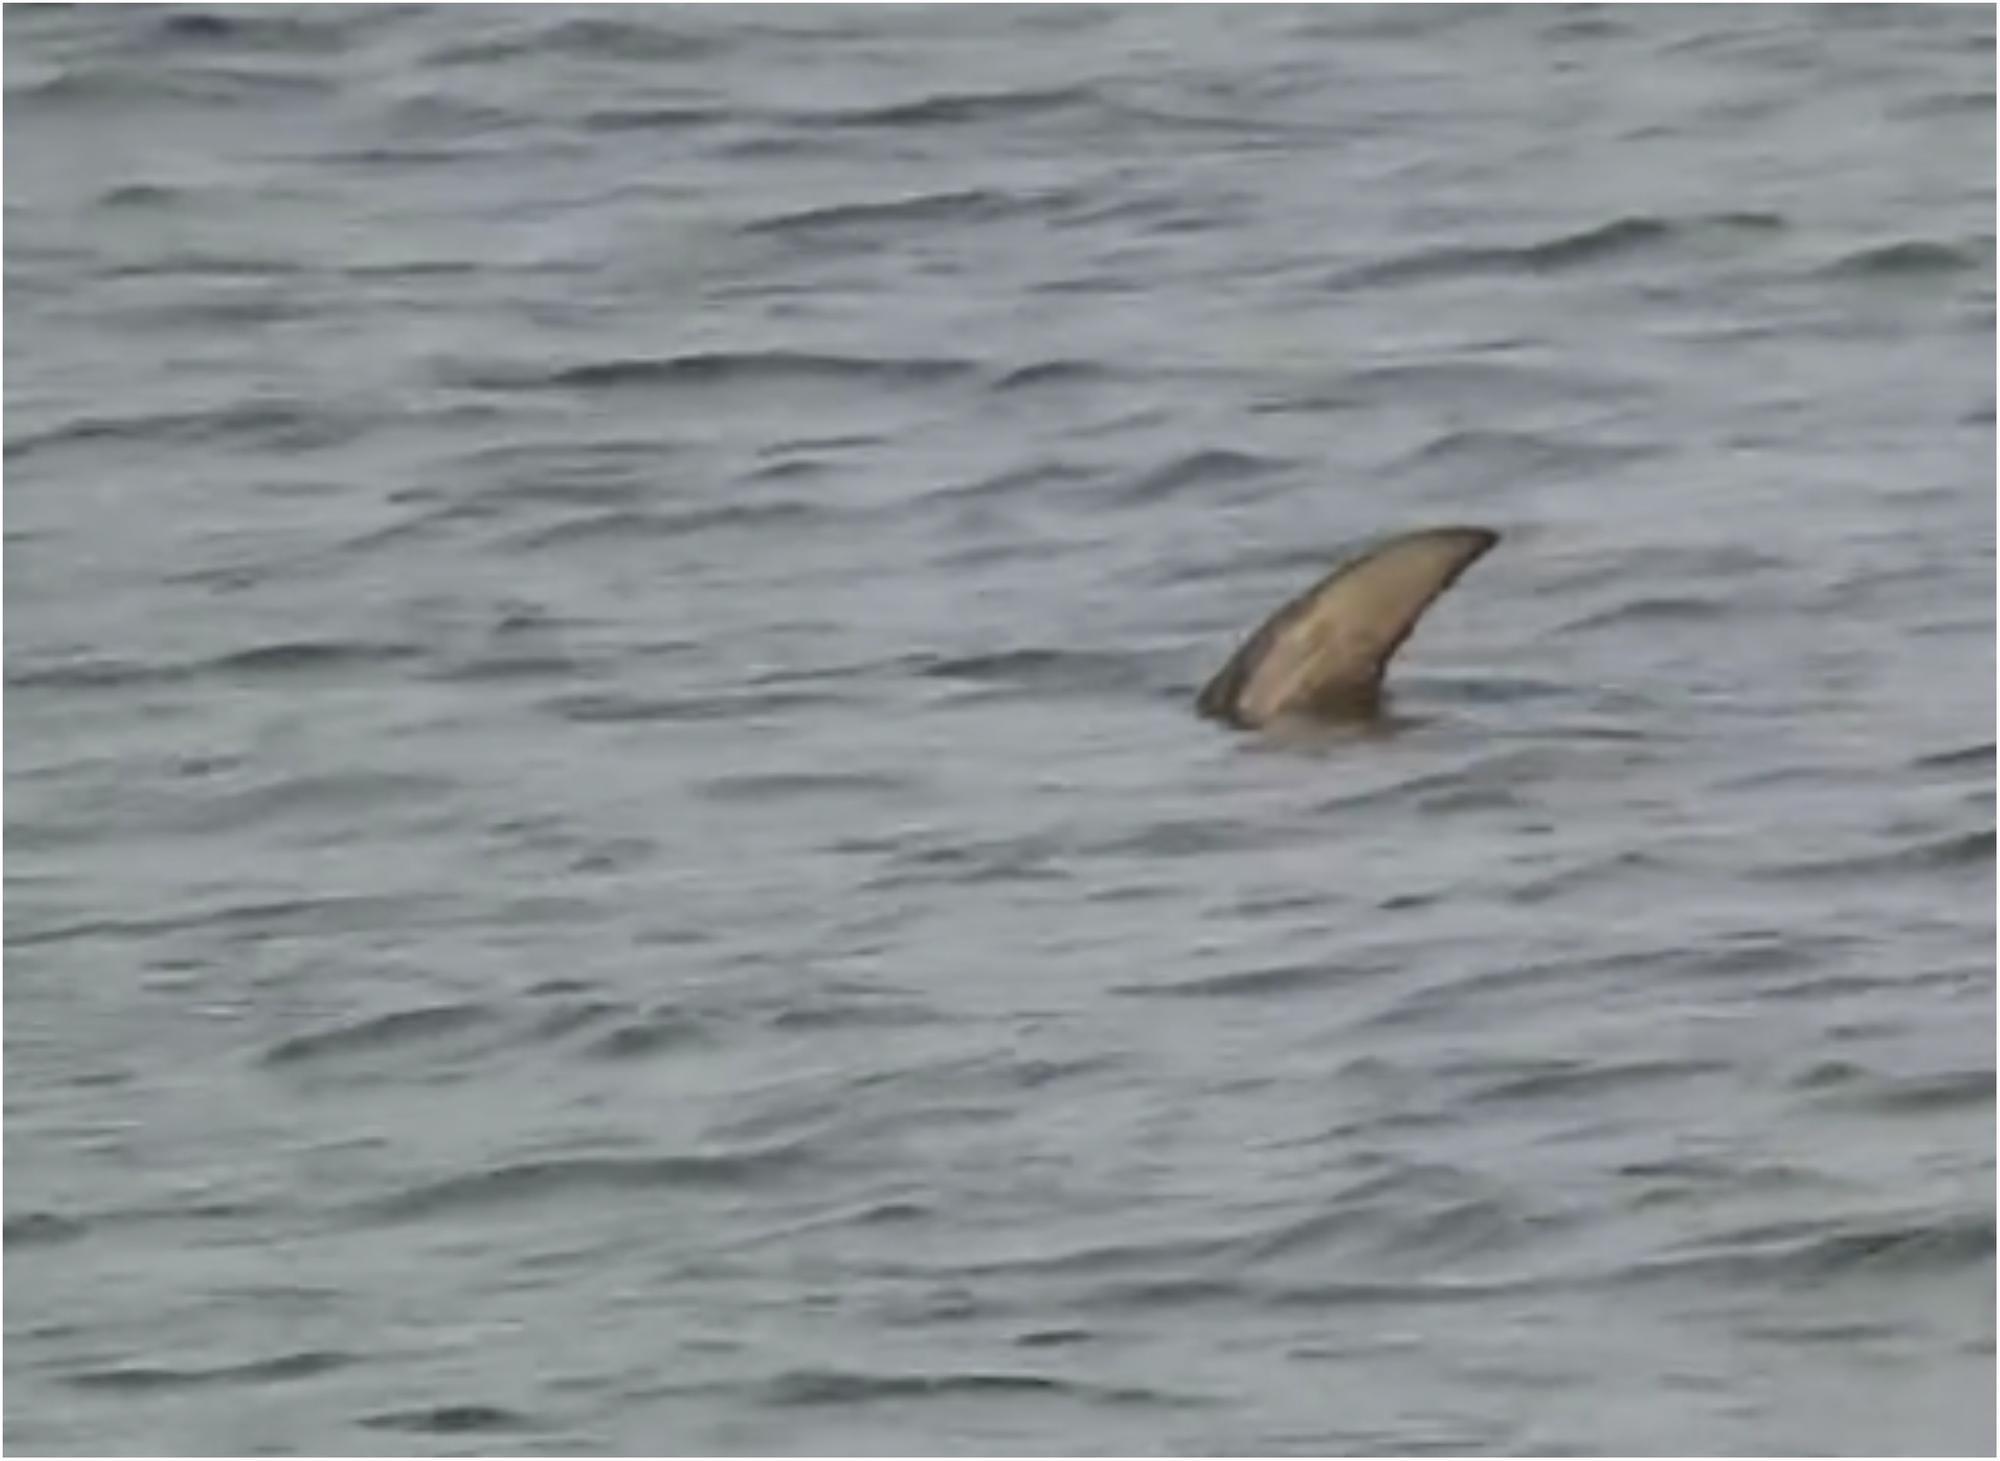 Incredible and rare video shows 'swordfish' swimming off Portobello coast